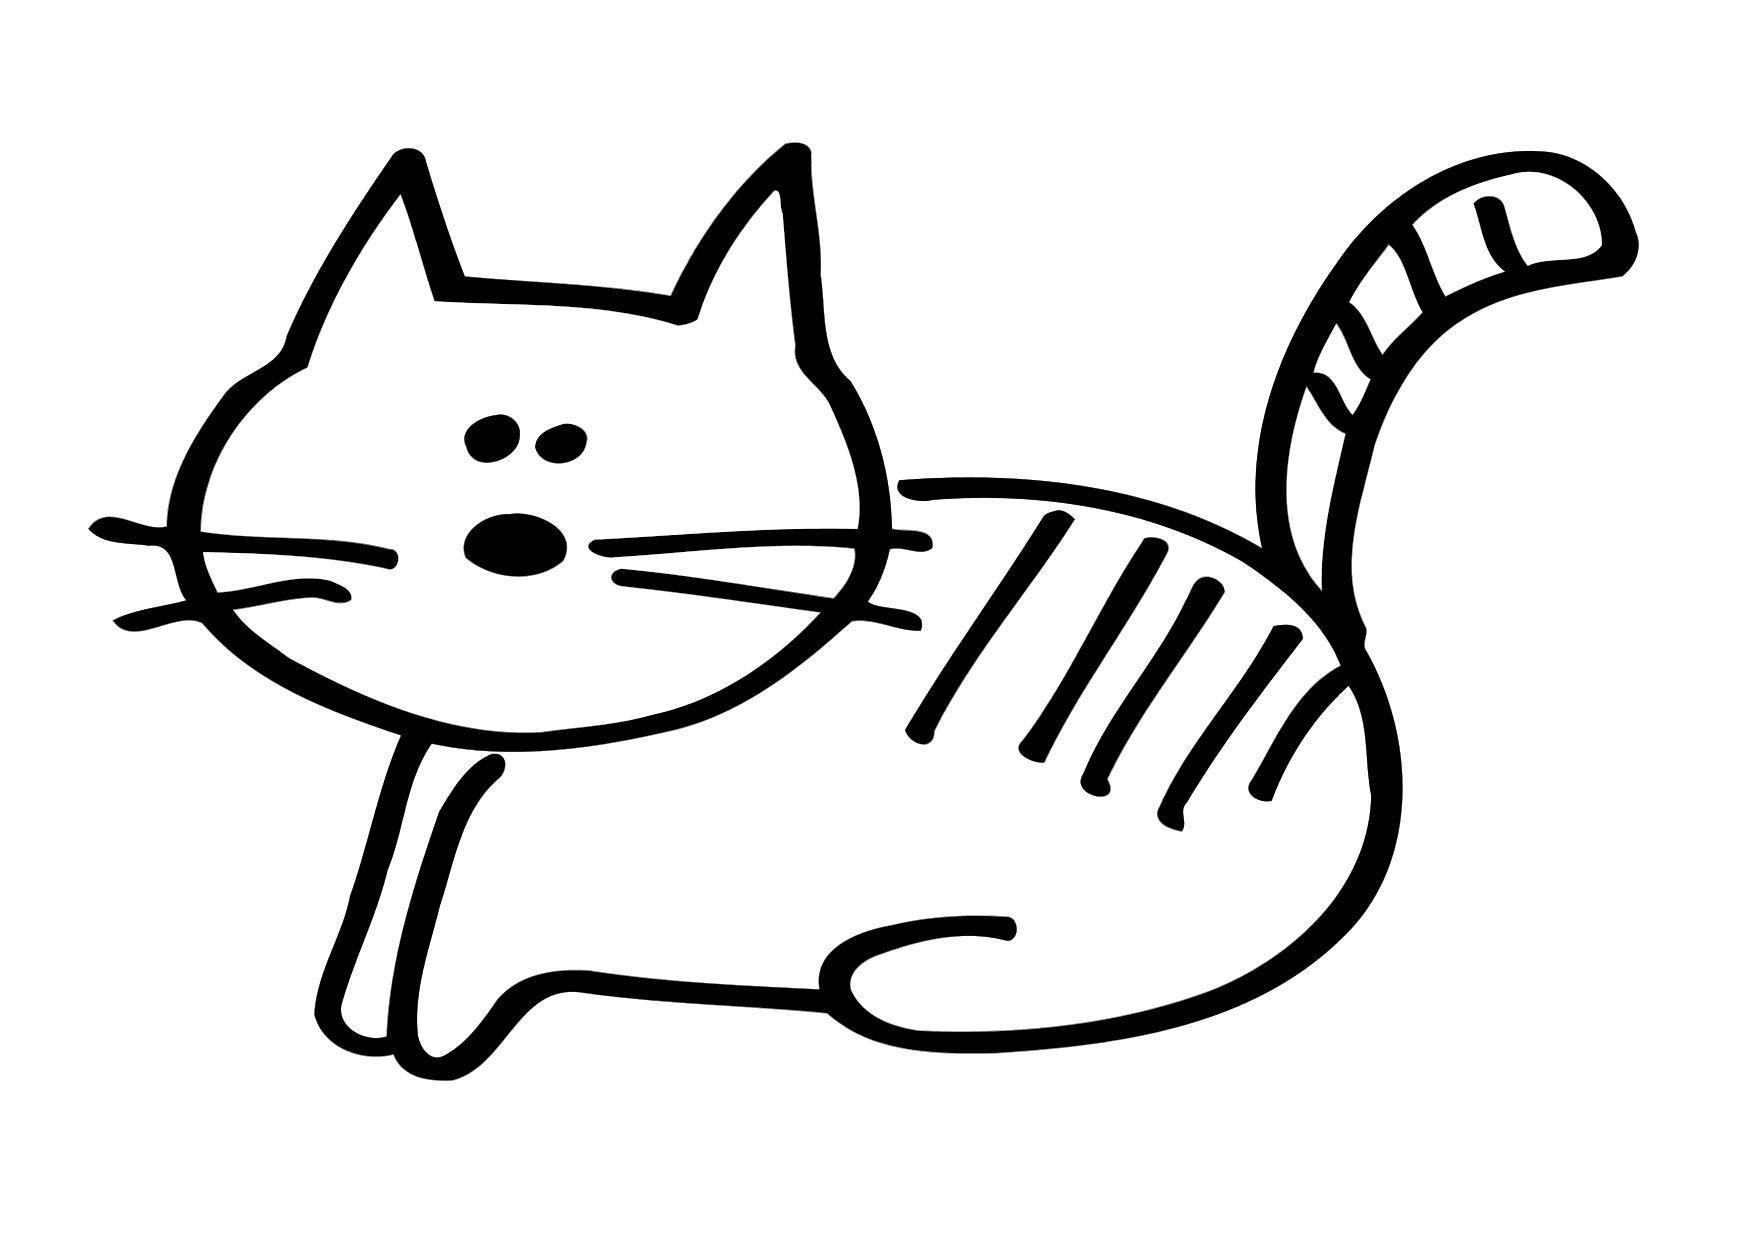 Atractivo Colorear La Imagen De Un Gato Colección de Imágenes ...